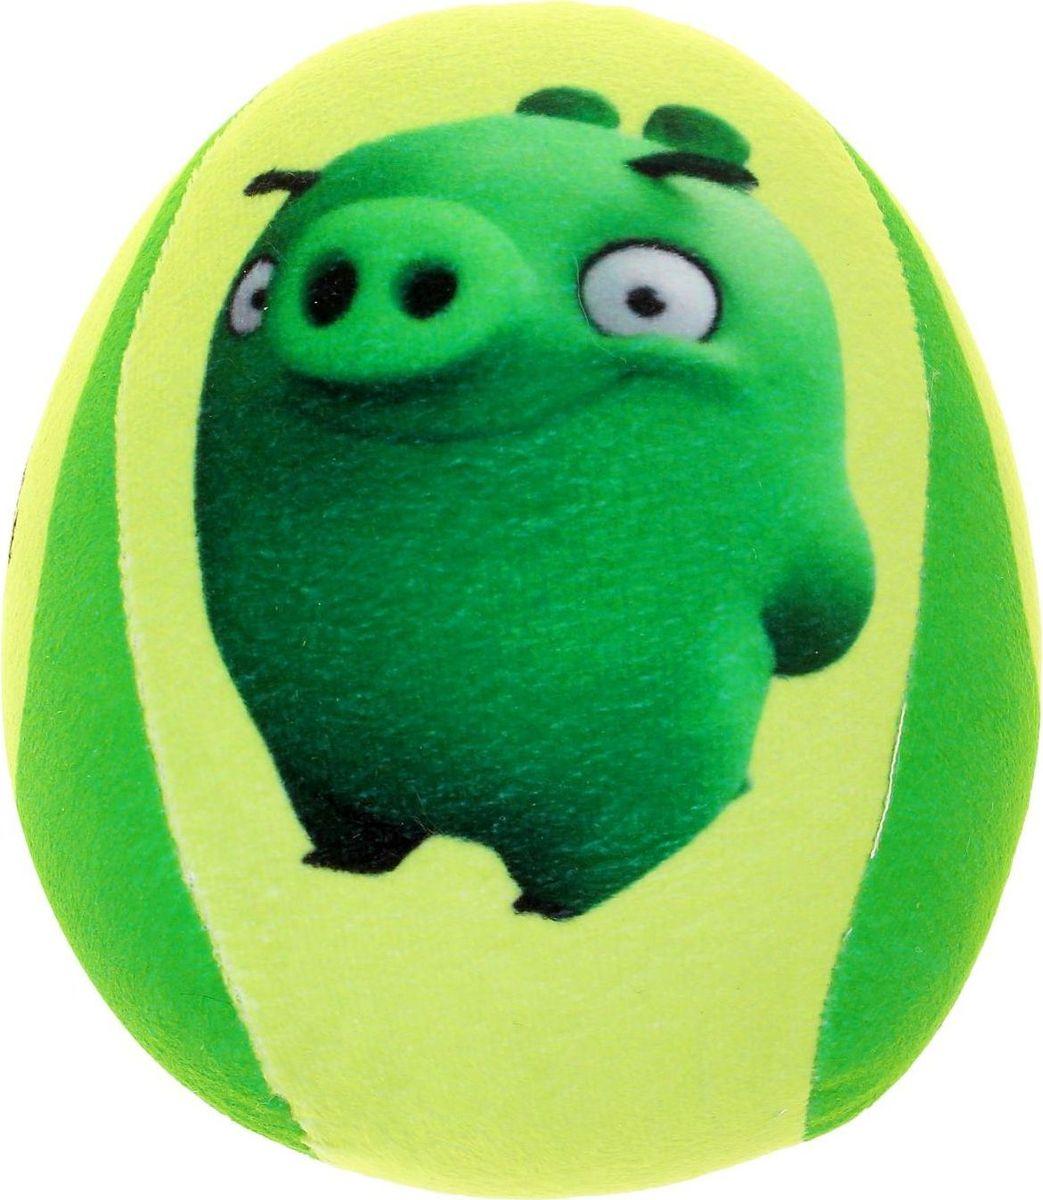 СмолТойс Мягкая игрушка Мячик Энгри Бердз 15 см 1642278 велосипед энгри бердз